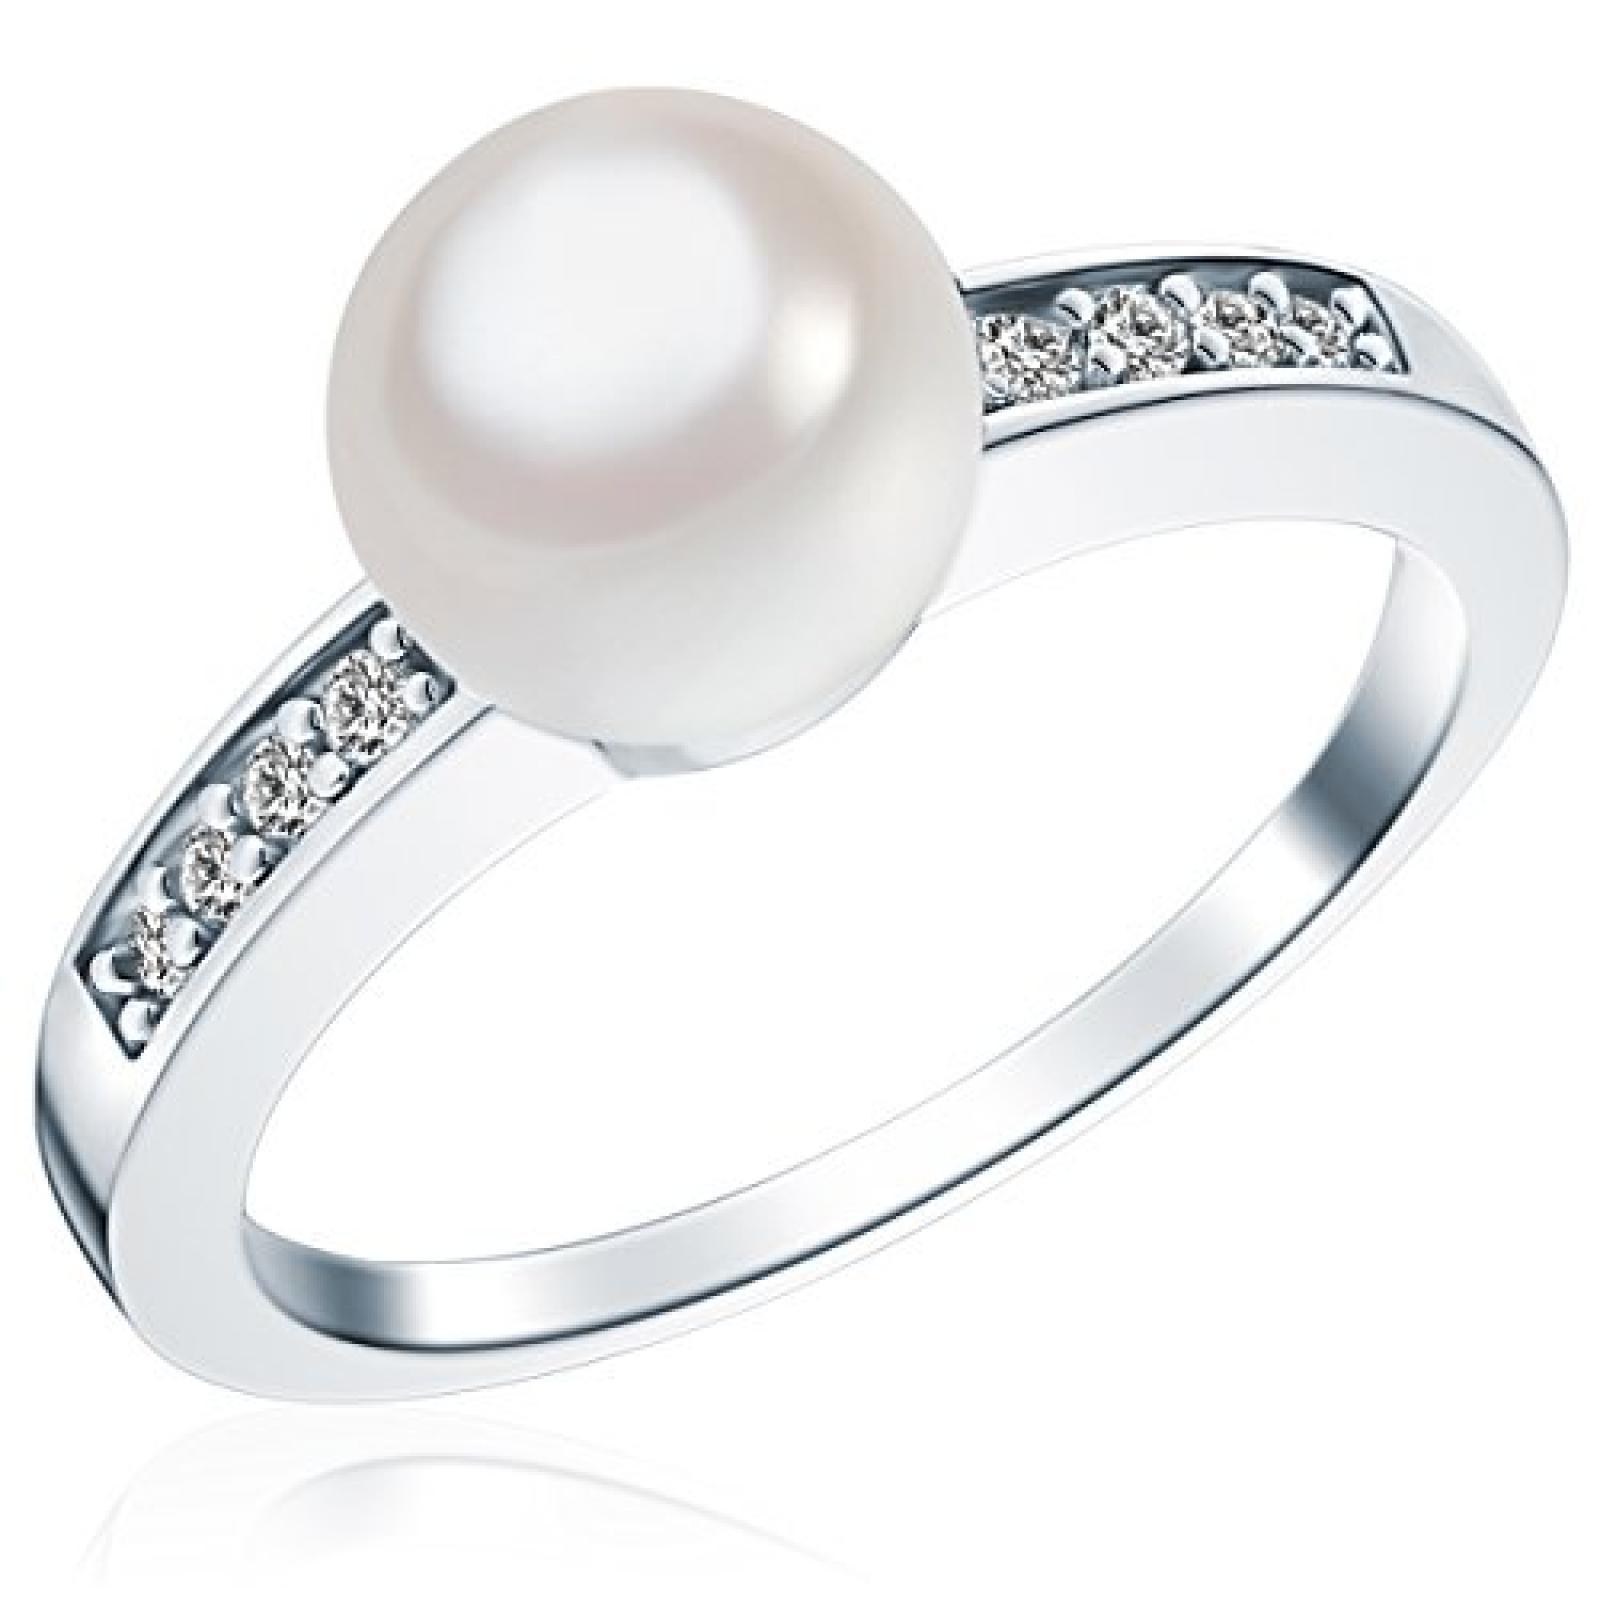 RAFAELA DONATA 925/- Sterling Silber rhod. Ring mit MKP weiß und Zirkonia weiß